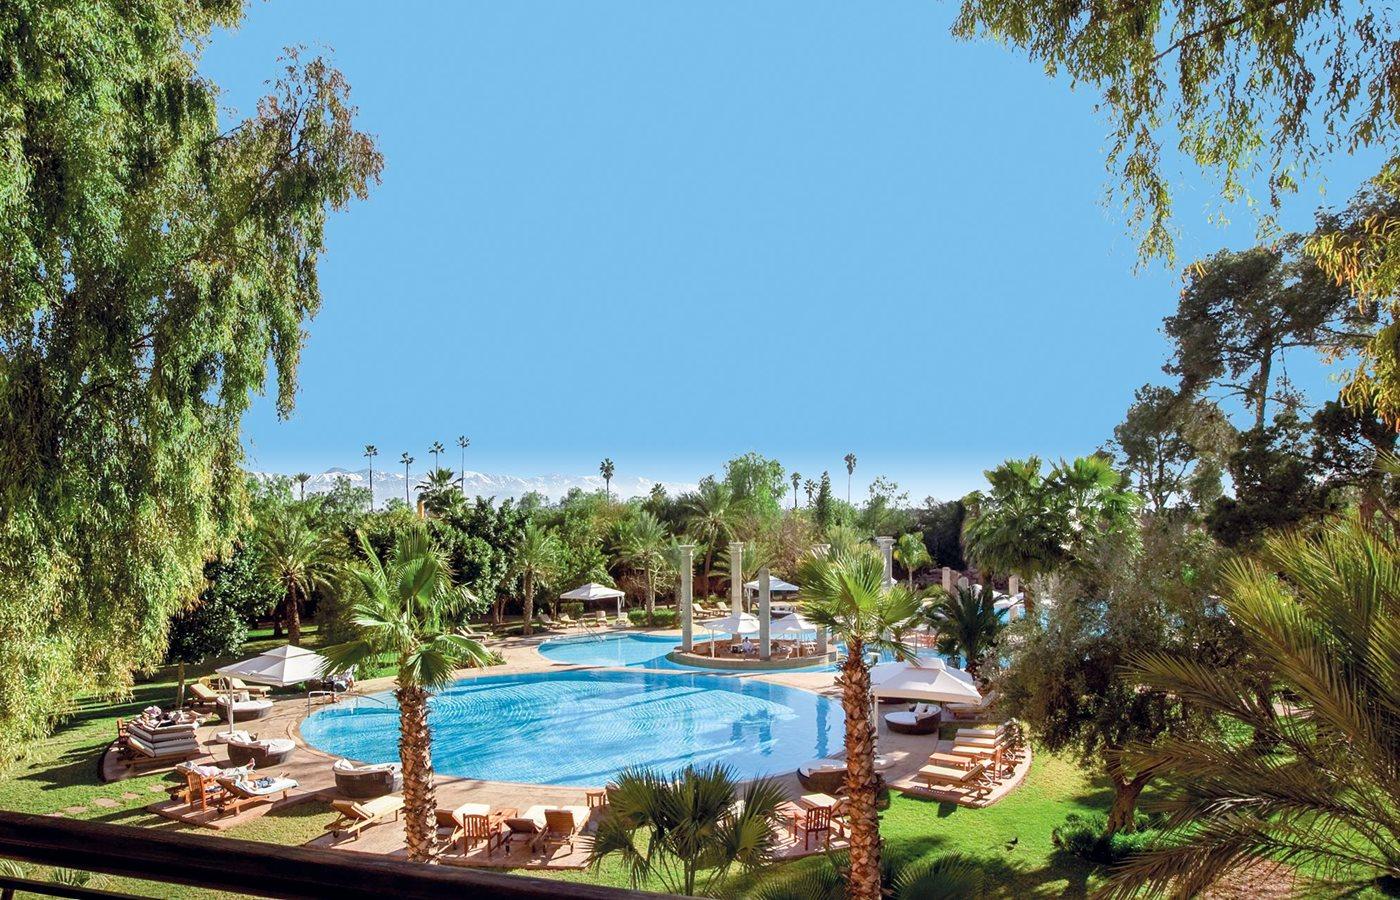 8 Tage Königsstadt Marrakesch im 5* Hotel Es Saadi Marrakech Resort - Vitaliamo Reisen